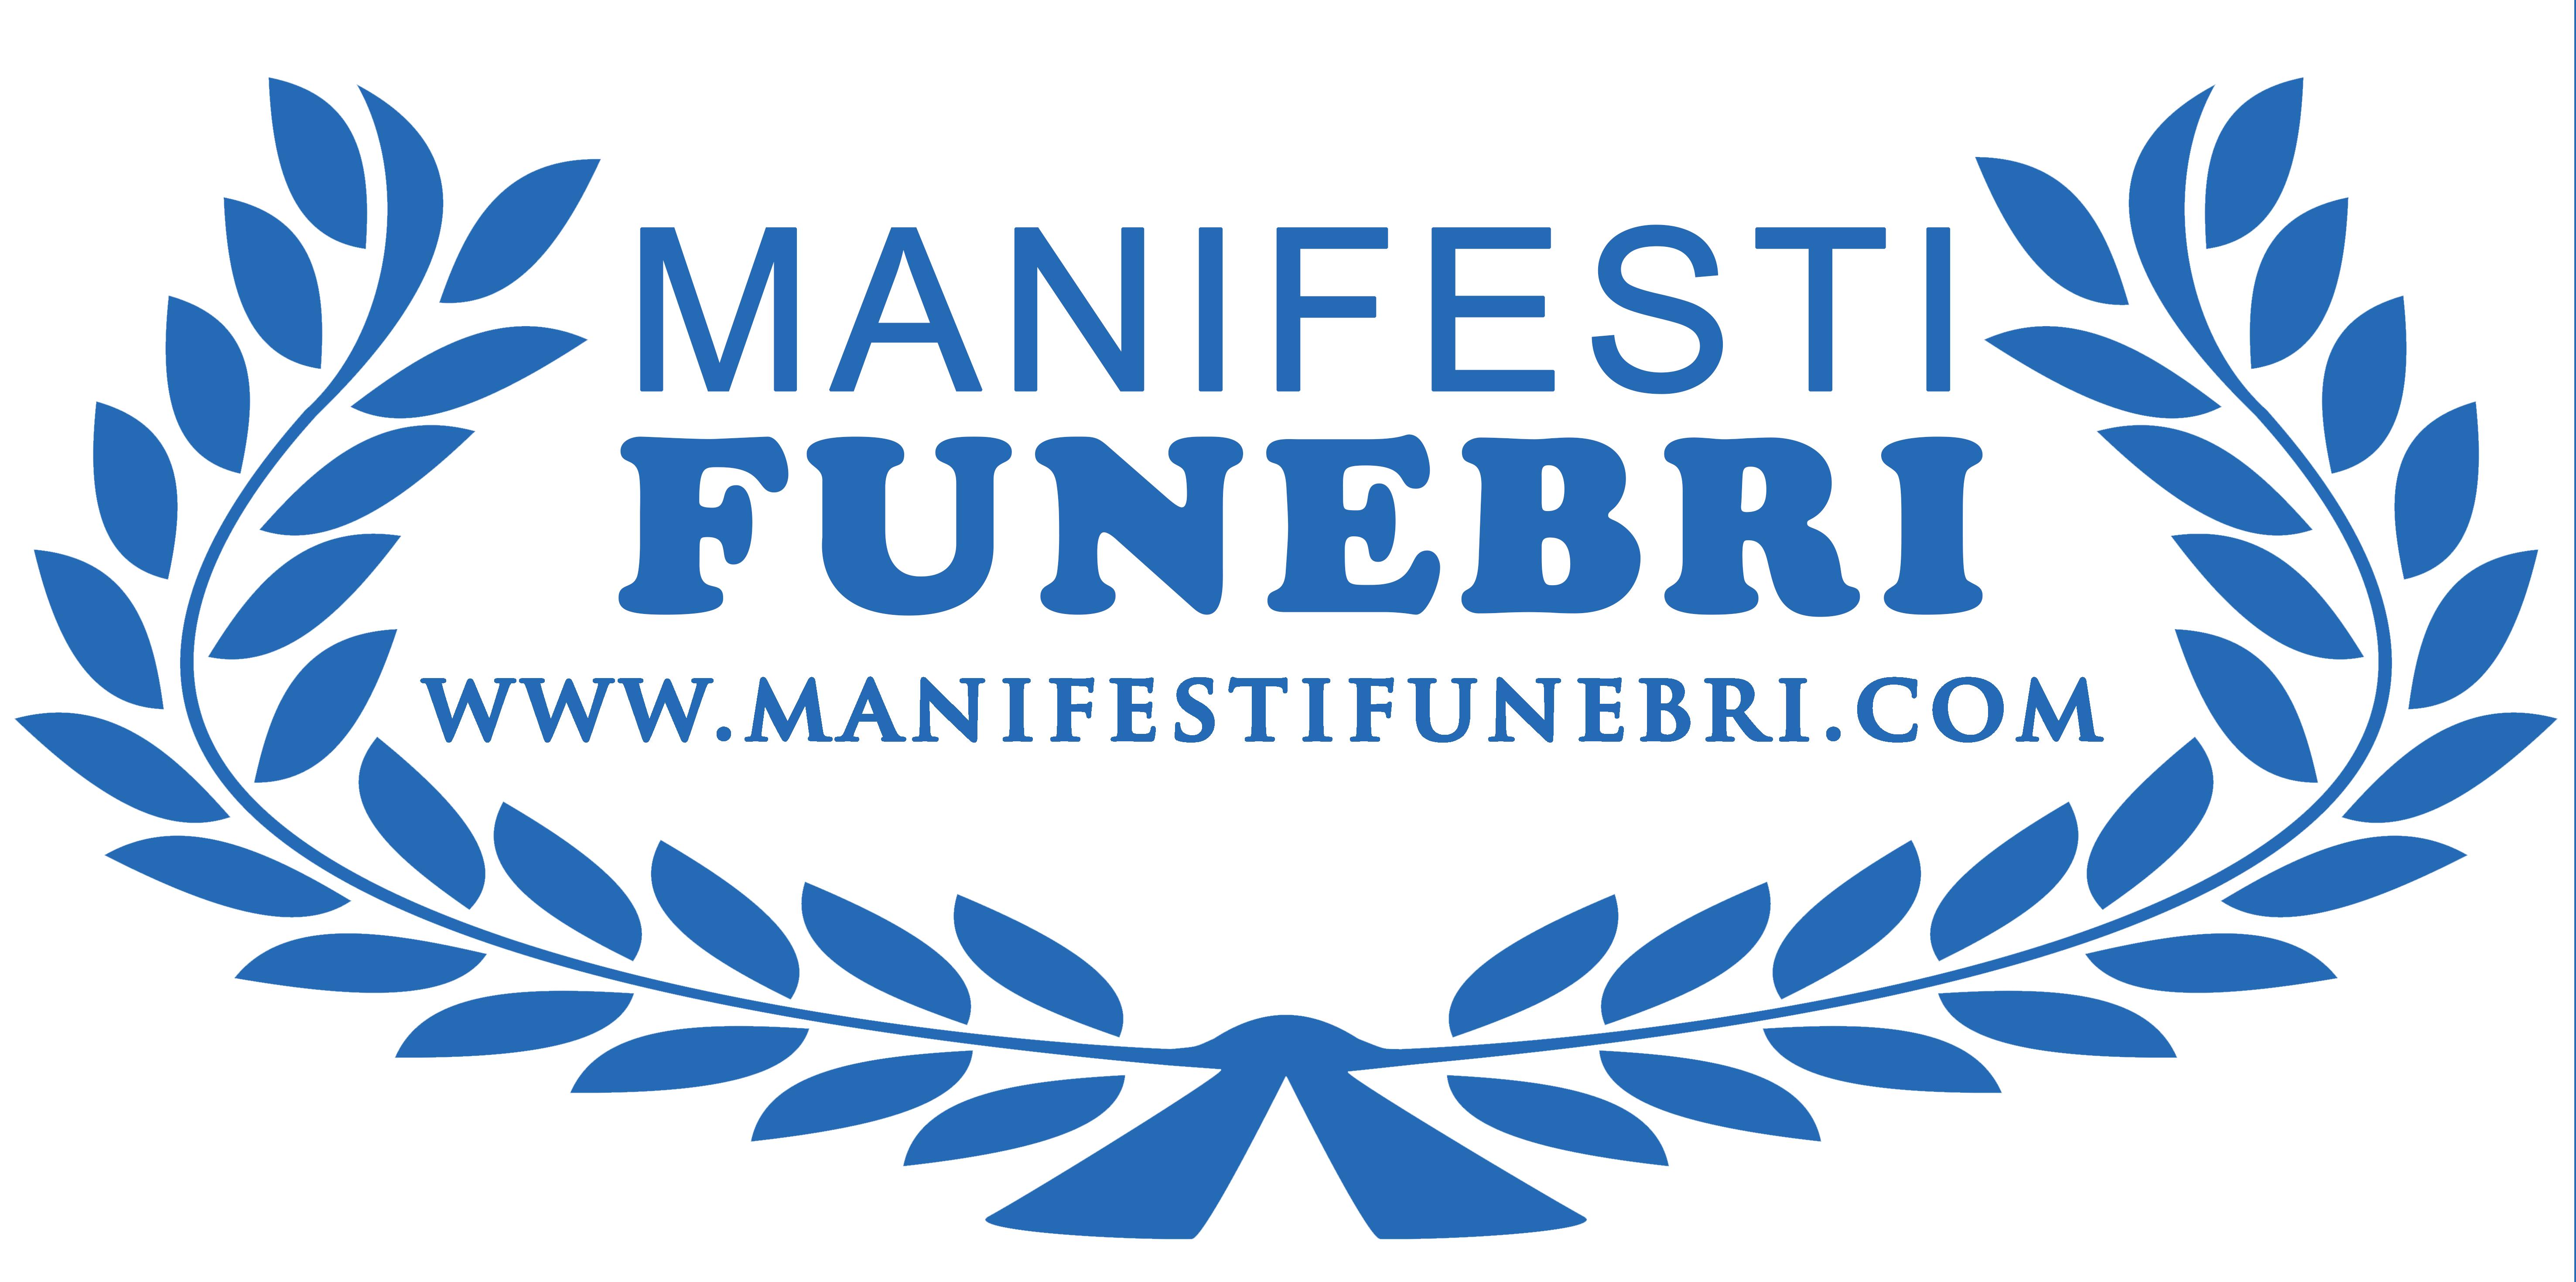 Manifesti funebri online - manifesti funebri, pensieri e condoglianze attraverso il ricordo dei propri cari